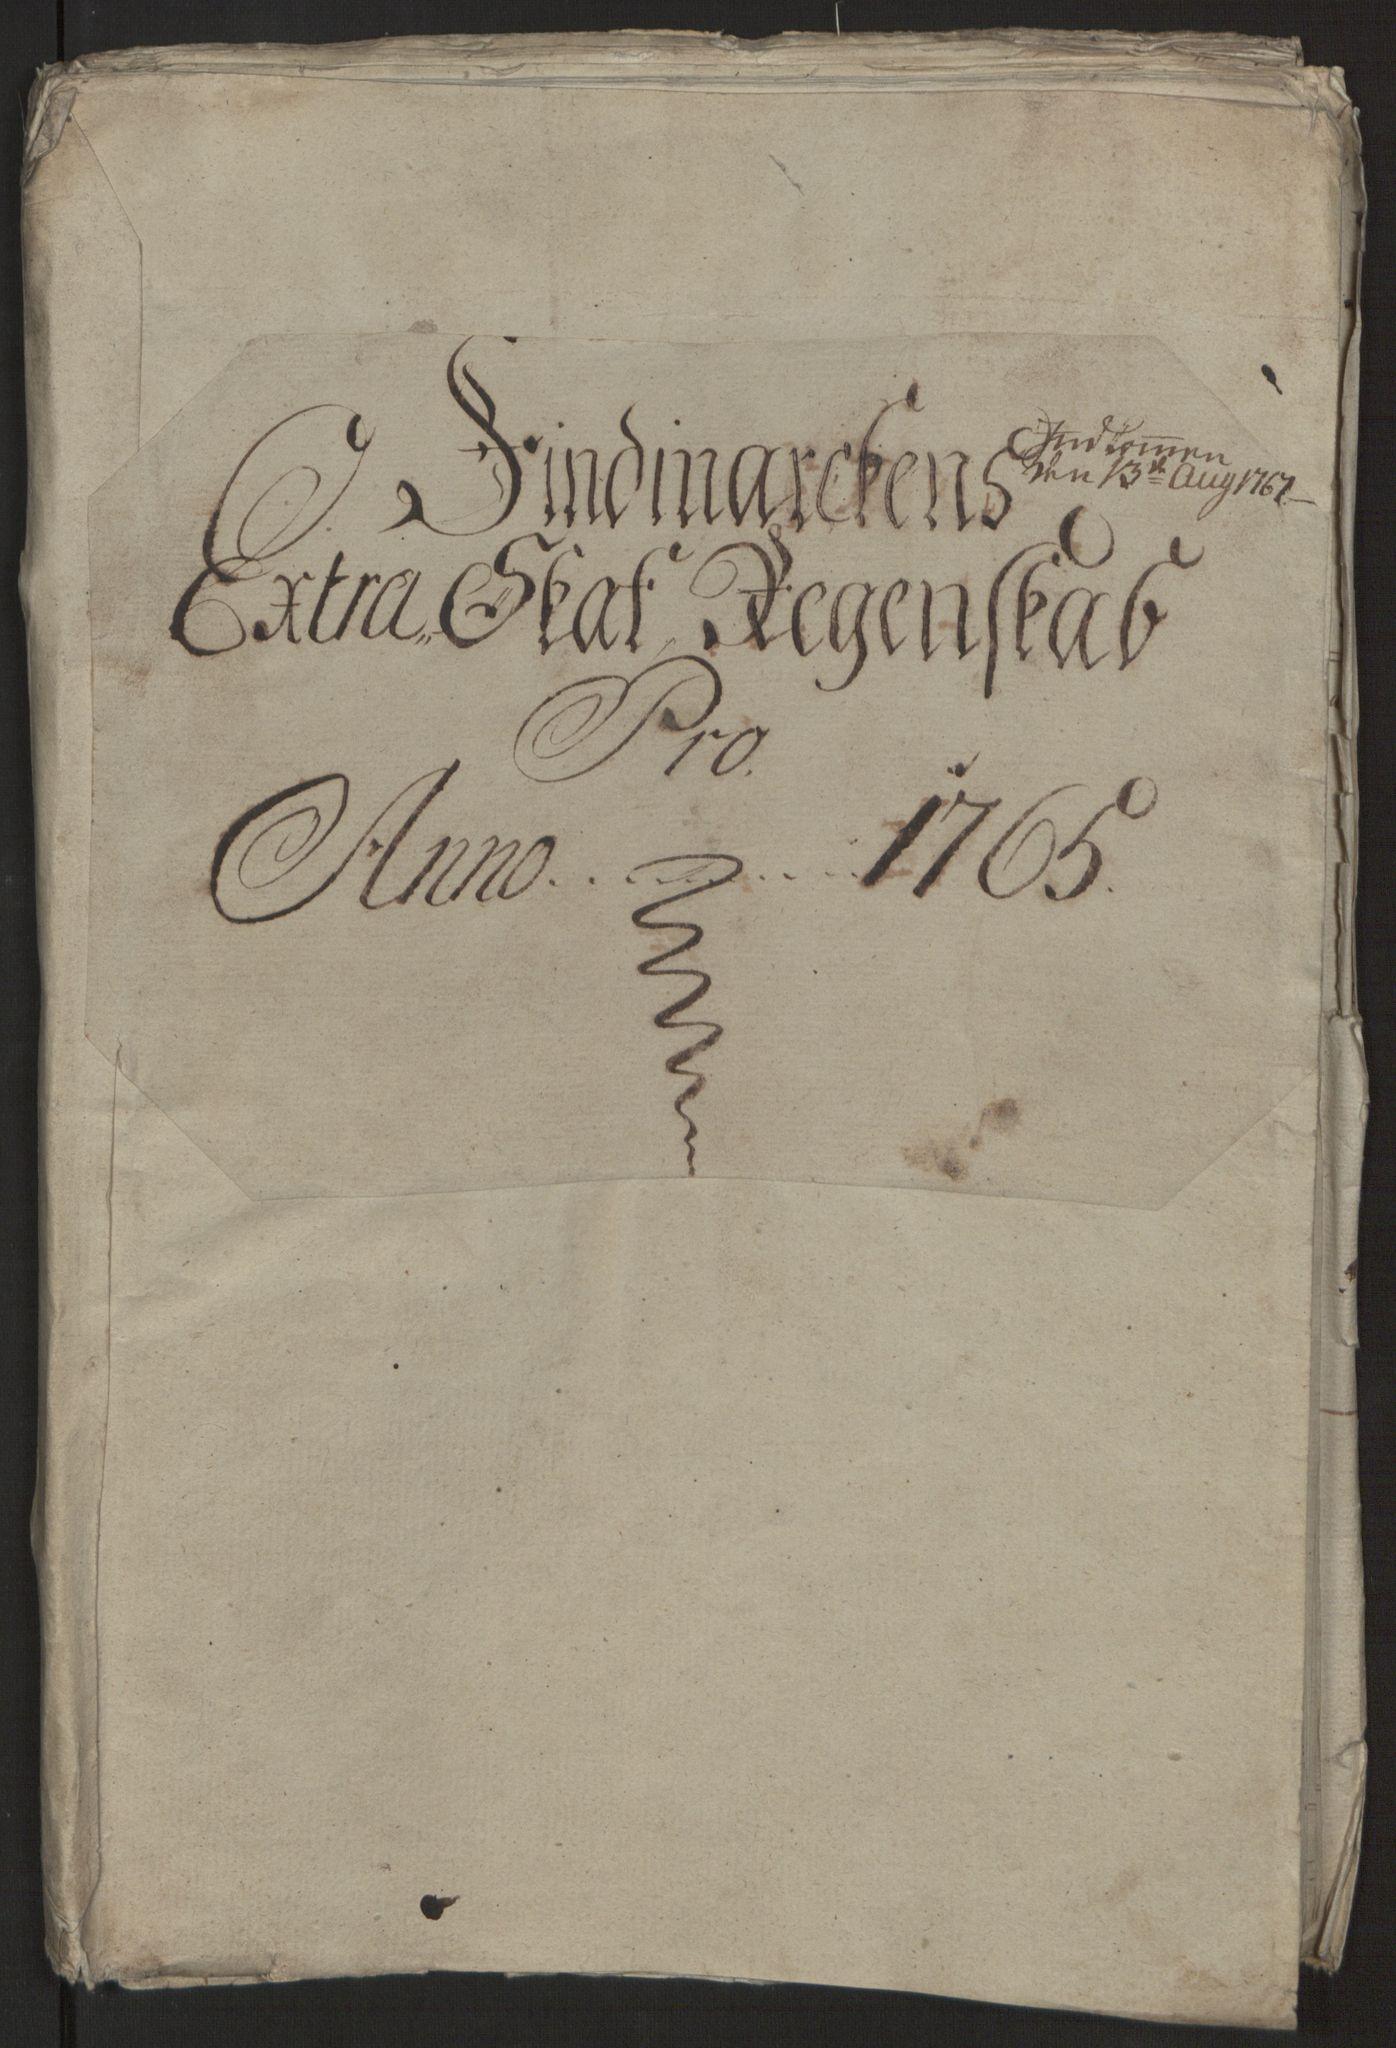 RA, Rentekammeret inntil 1814, Reviderte regnskaper, Fogderegnskap, R69/L4910: Ekstraskatten  Finnmark/Vardøhus, 1762-1772, s. 123